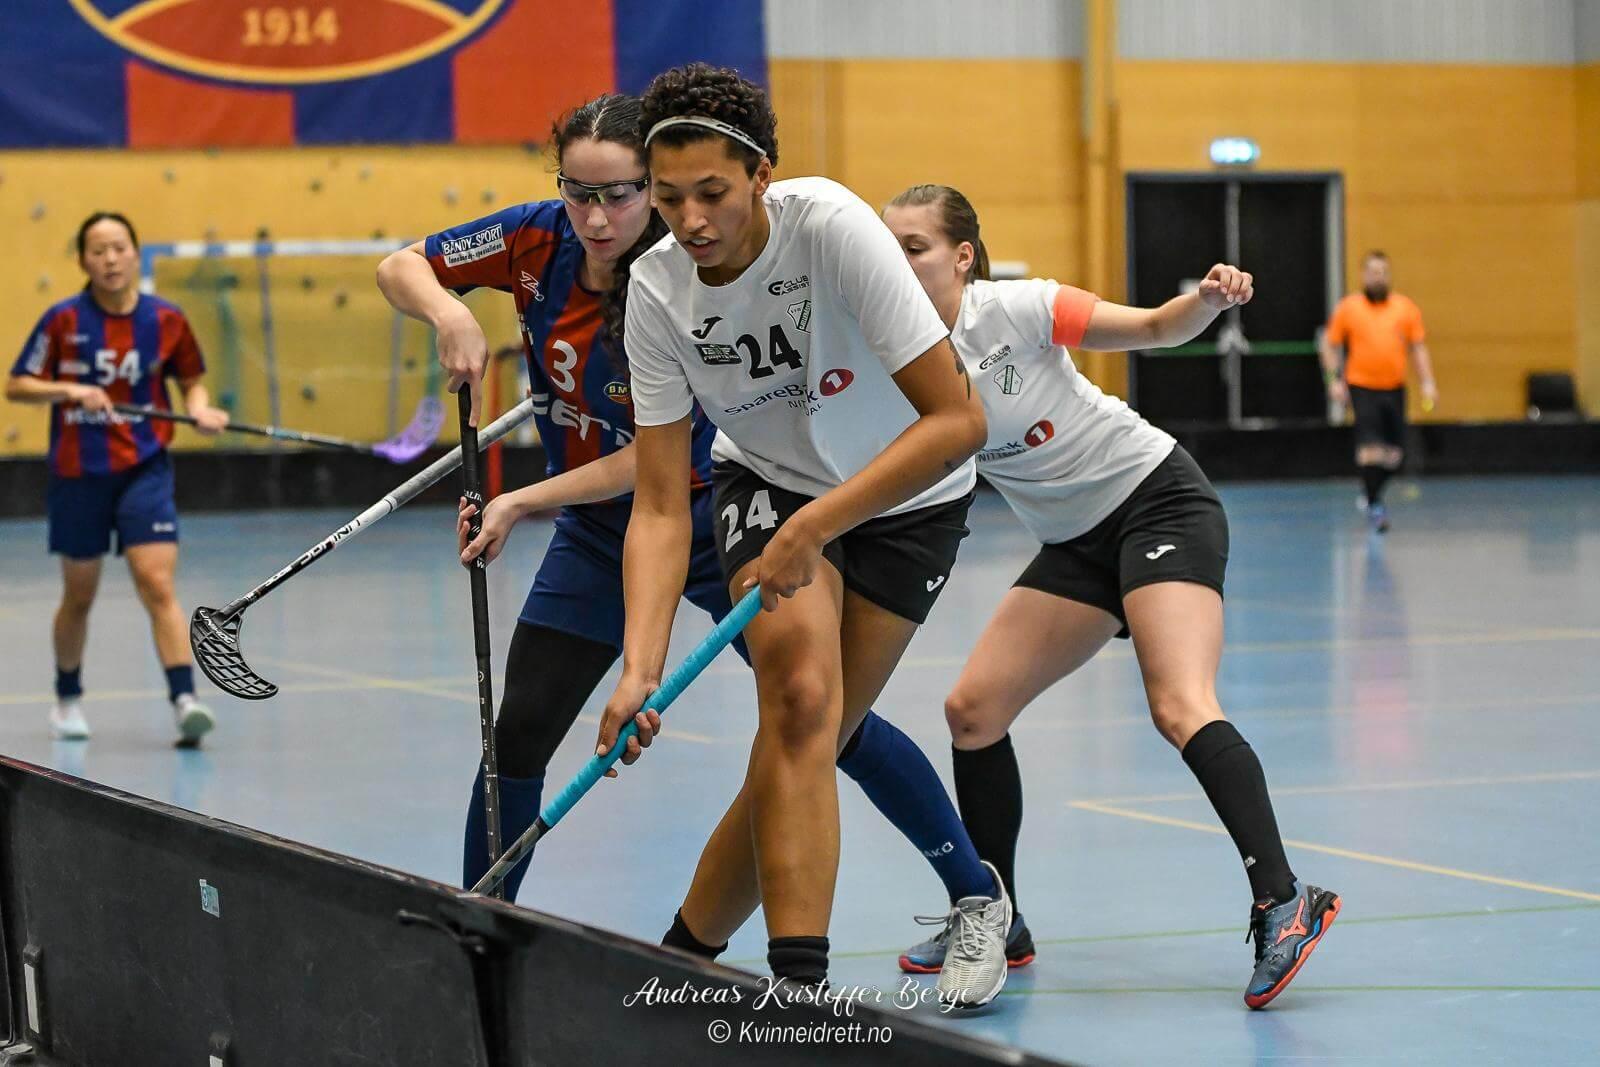 Helene Bwiza Karlstrøm scoret mot gamle lagkamerater, men kunne ikke forhindre at Monolitten tok alle tre poengene i kveld. Foto: Andreas Kristoffer Berge